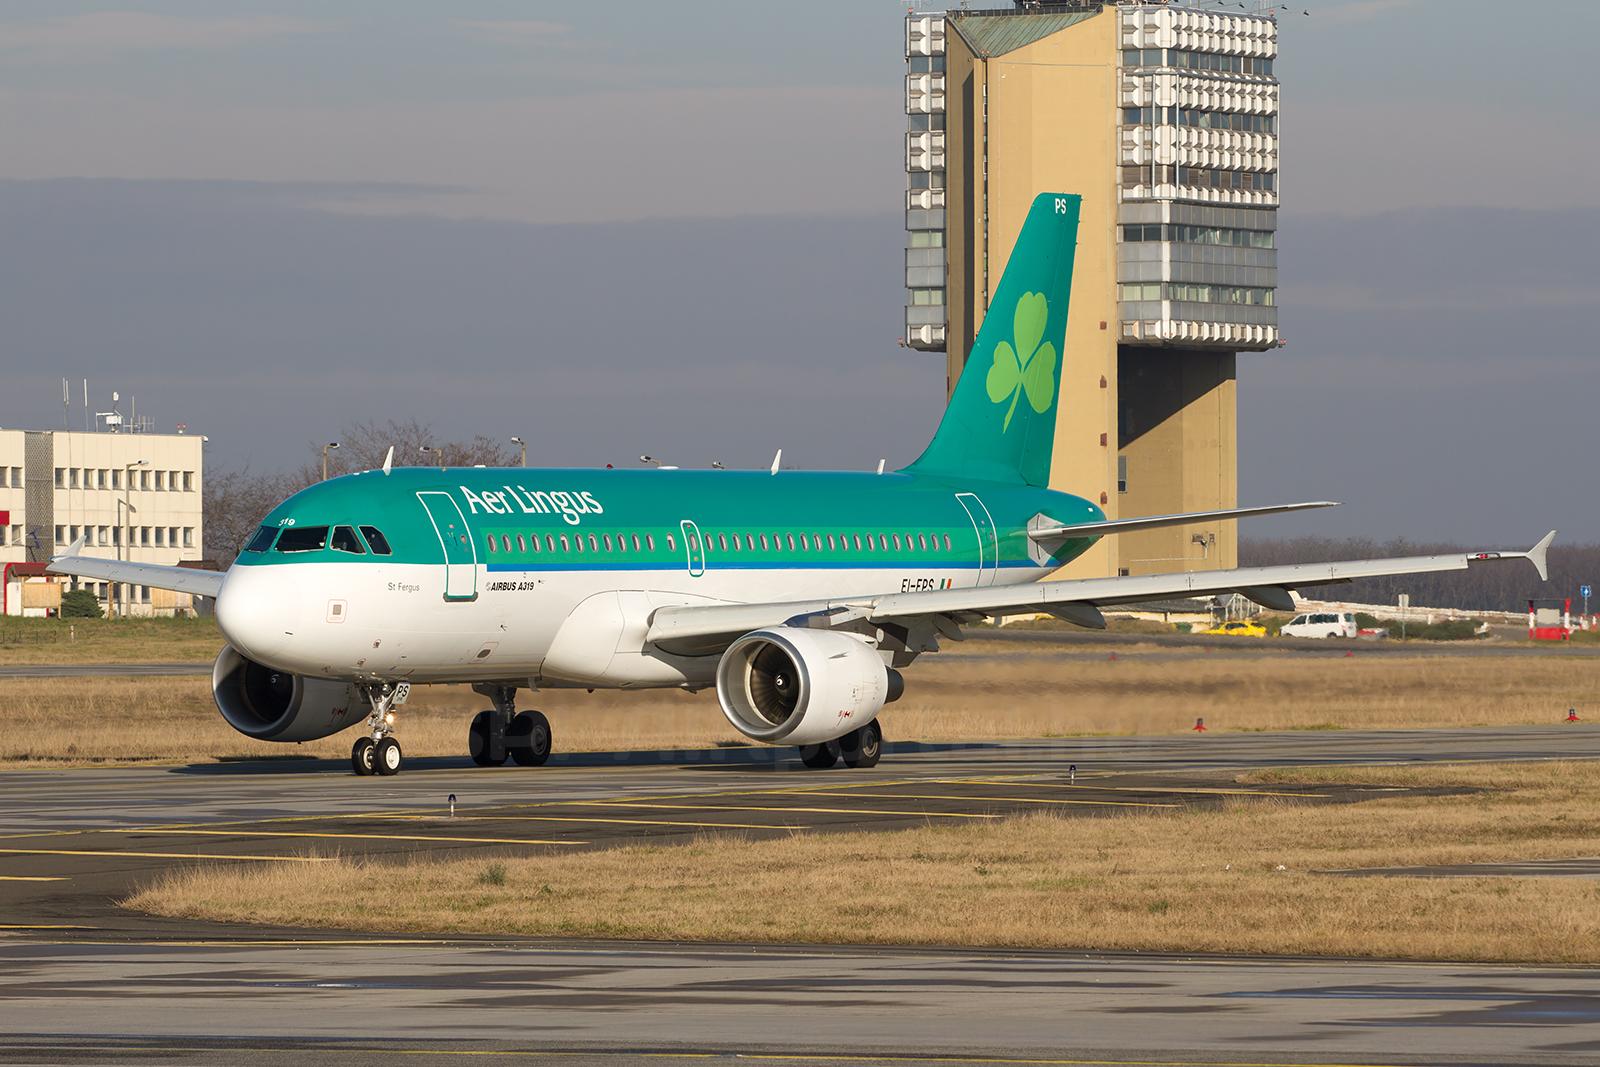 Az Aer Lingus egyik Airbus A319-es repülőgépe Ferihegyen. (Fotó: Ispán Tamás - AIRportal.hu)   © AIRportal.hu